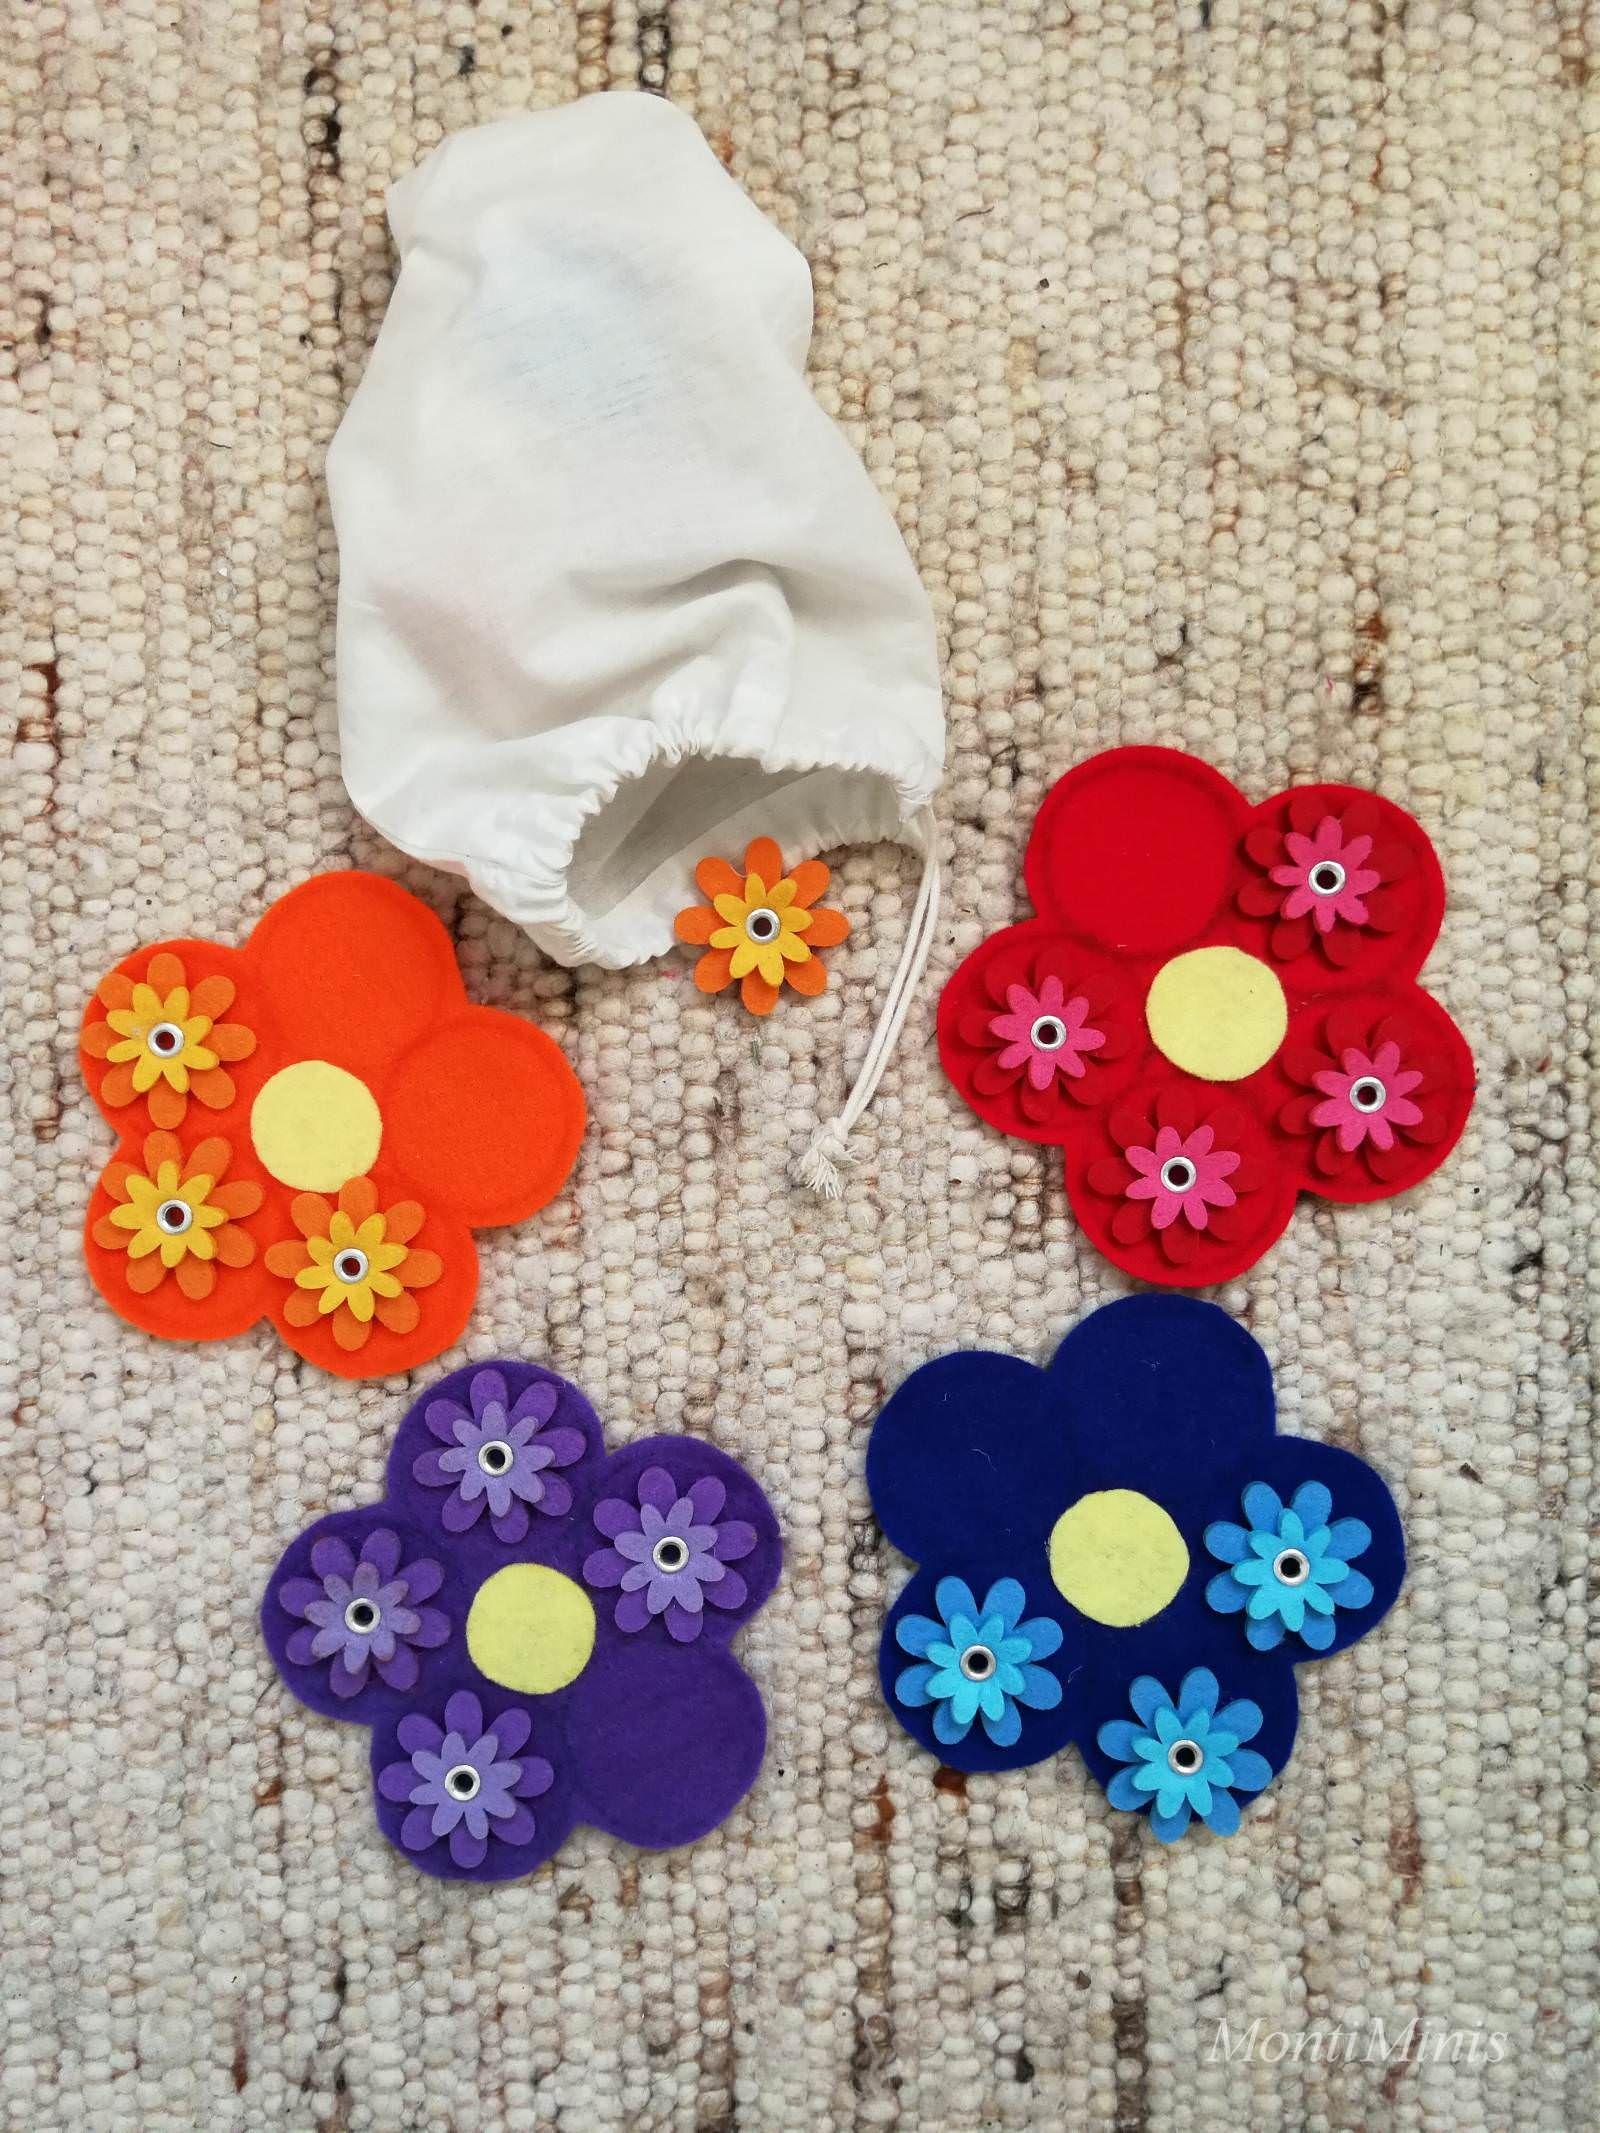 Diy Blumenspiel Blumen Nach Farben Sortieren Einfaches Diy Perfek Blumen Spiele Basteln Frühling Kindergarten Montessori Material Selber Machen Kindergarten